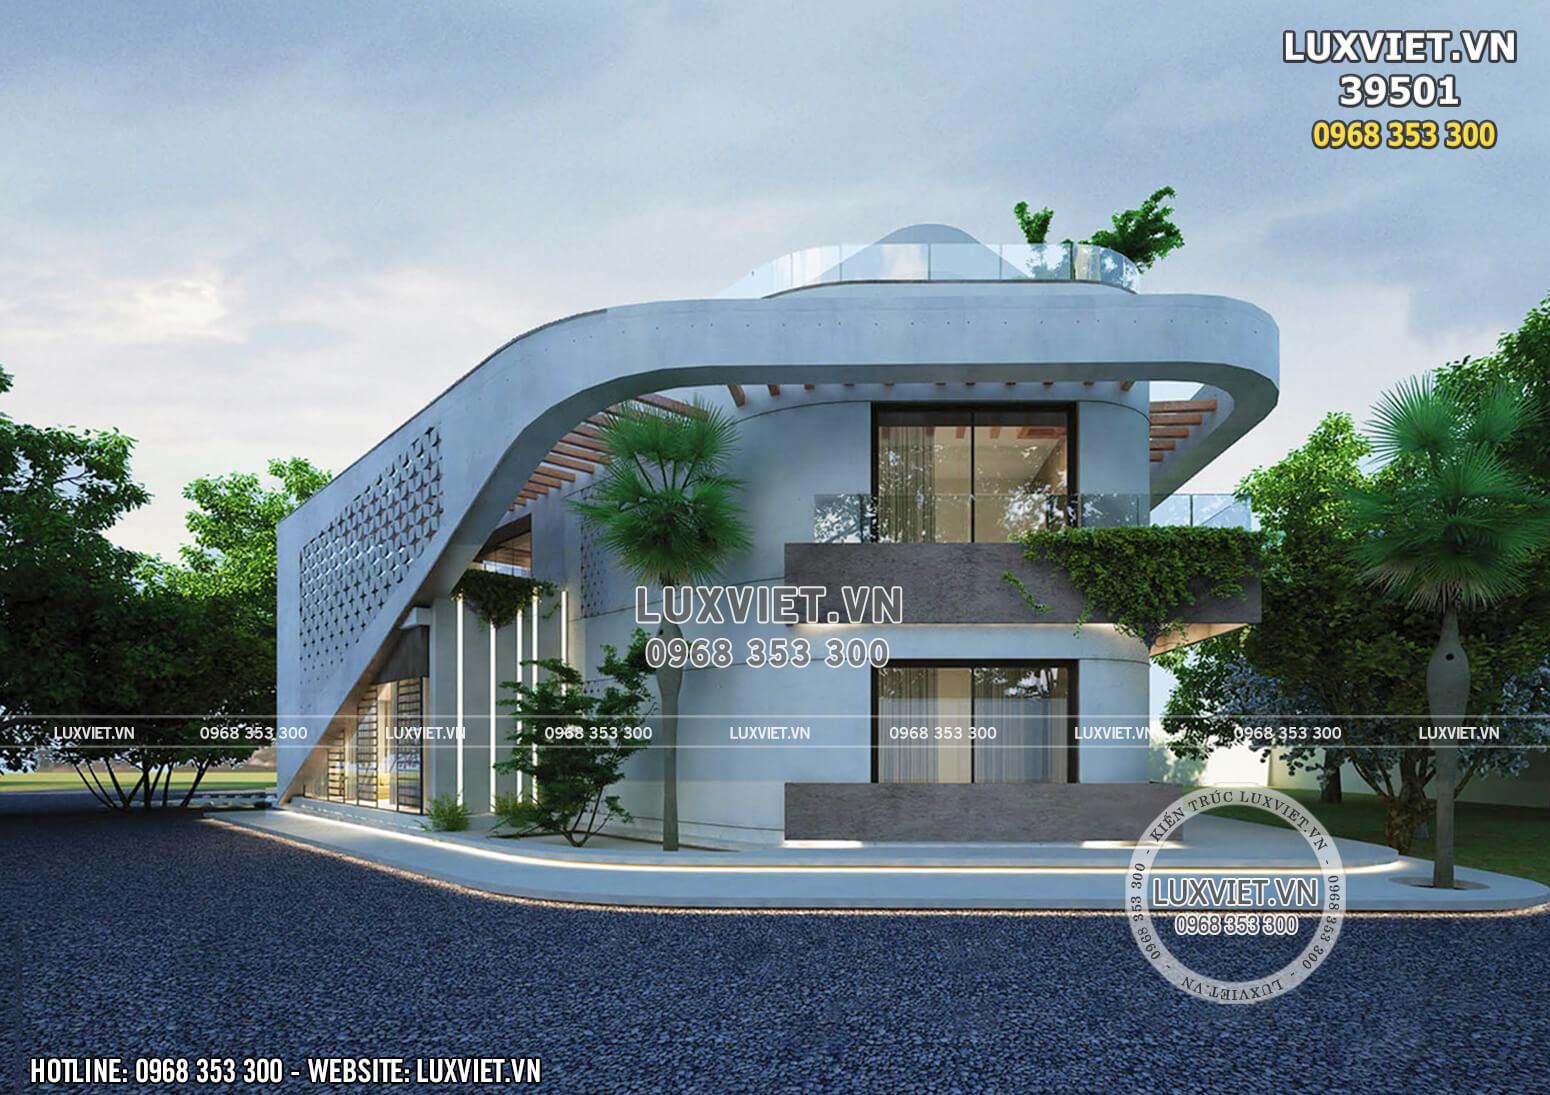 Thiết kế villa hiện đại nghỉ dưỡng trên đồi tại Hòa Bình - LV 39501